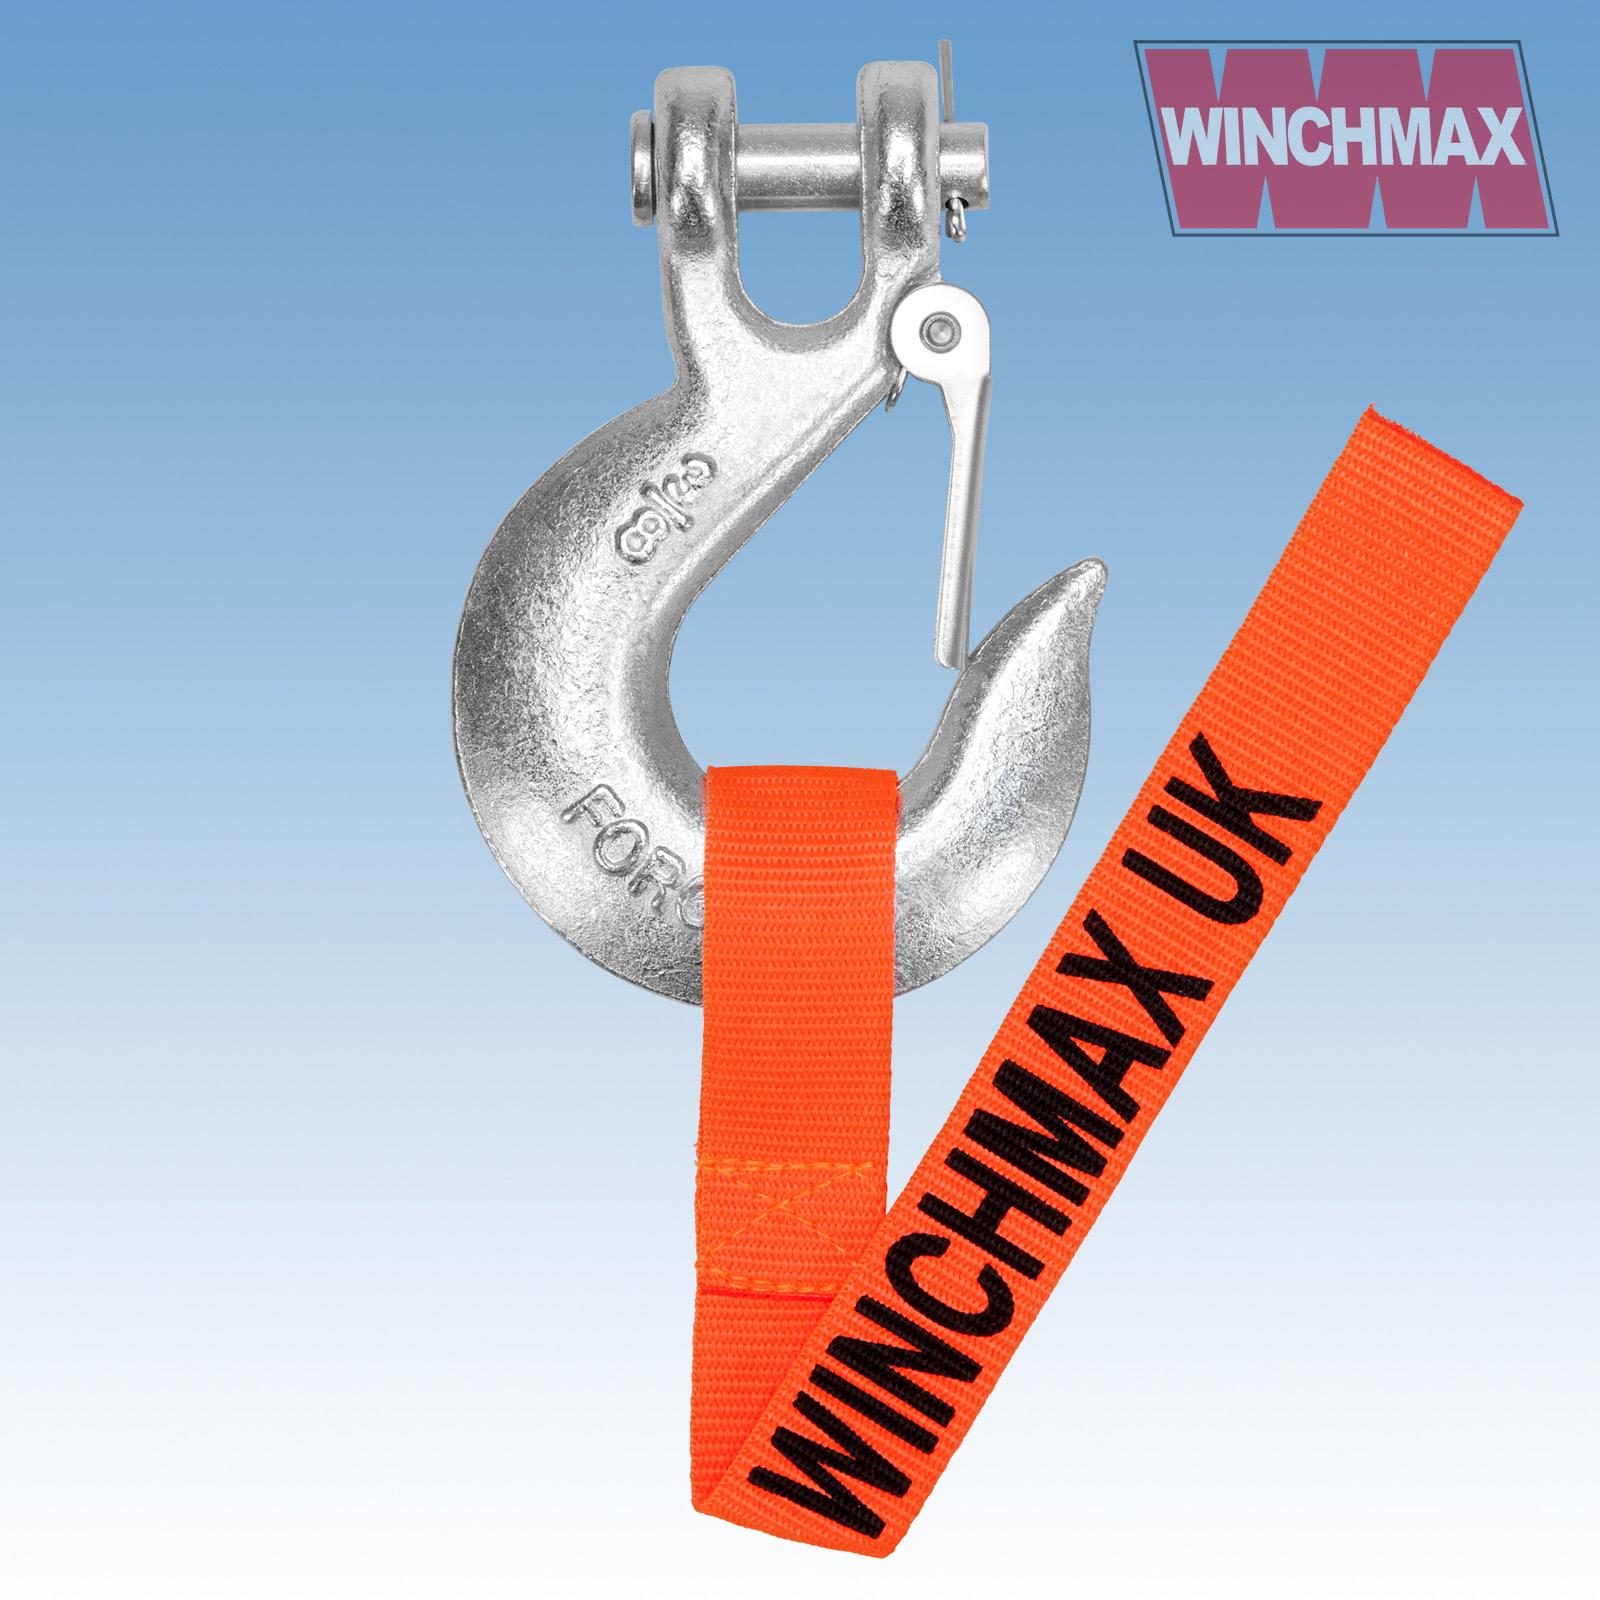 Wm1350012v winchmax 167